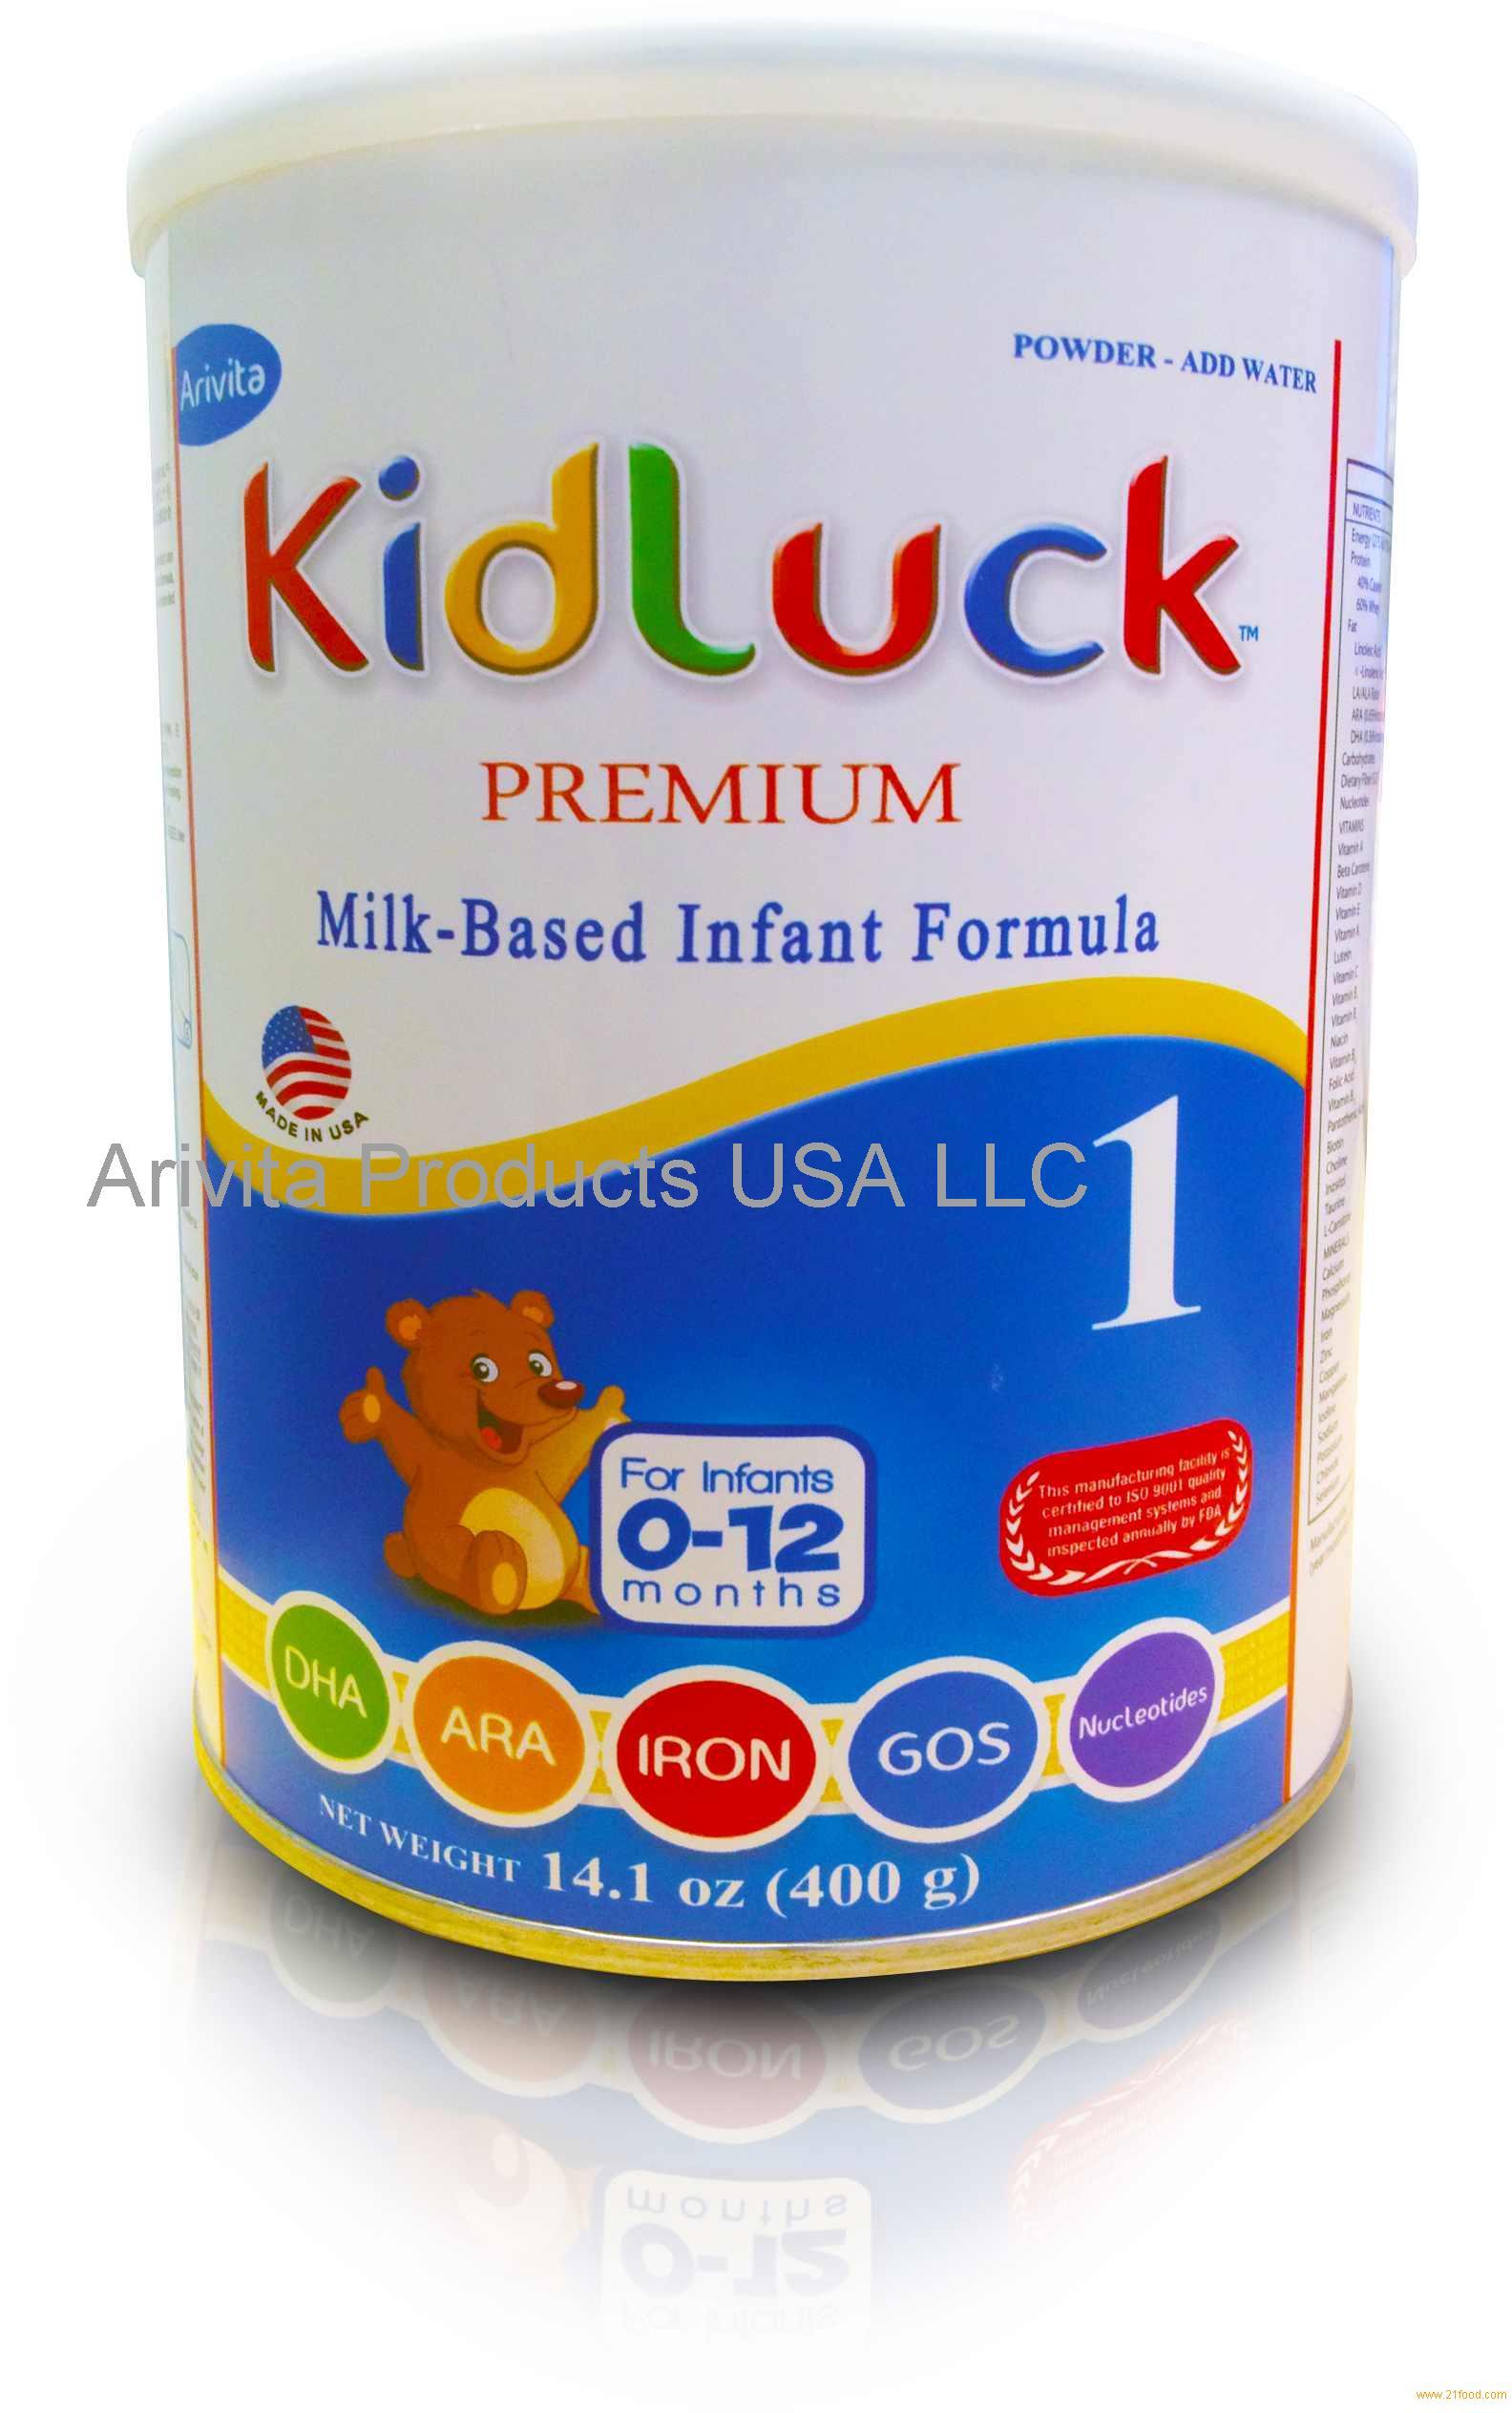 Baby powder milk brands